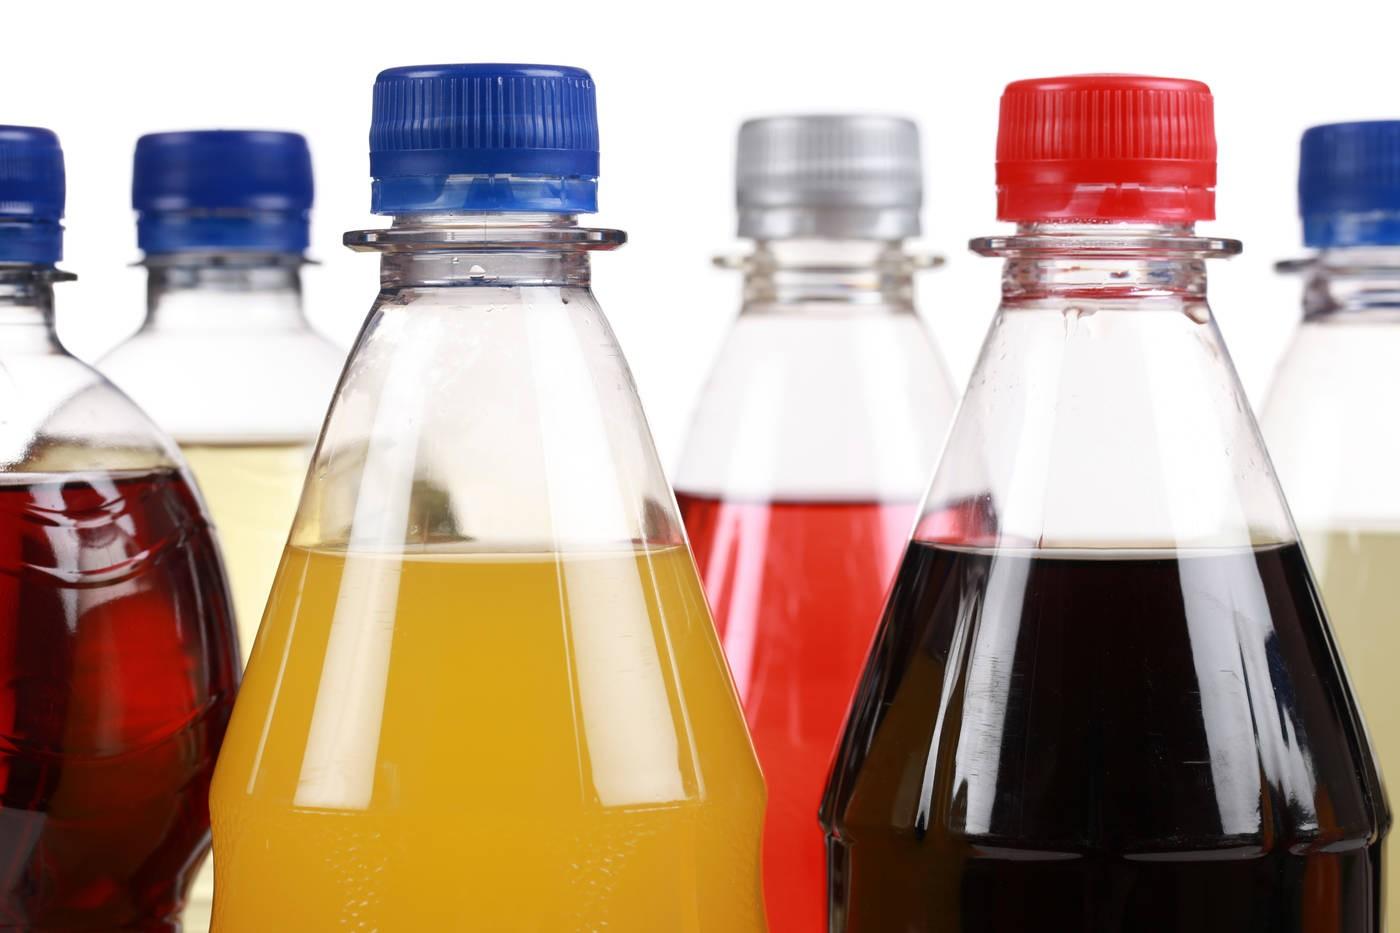 В РФ введут «налог» насладкие напитки